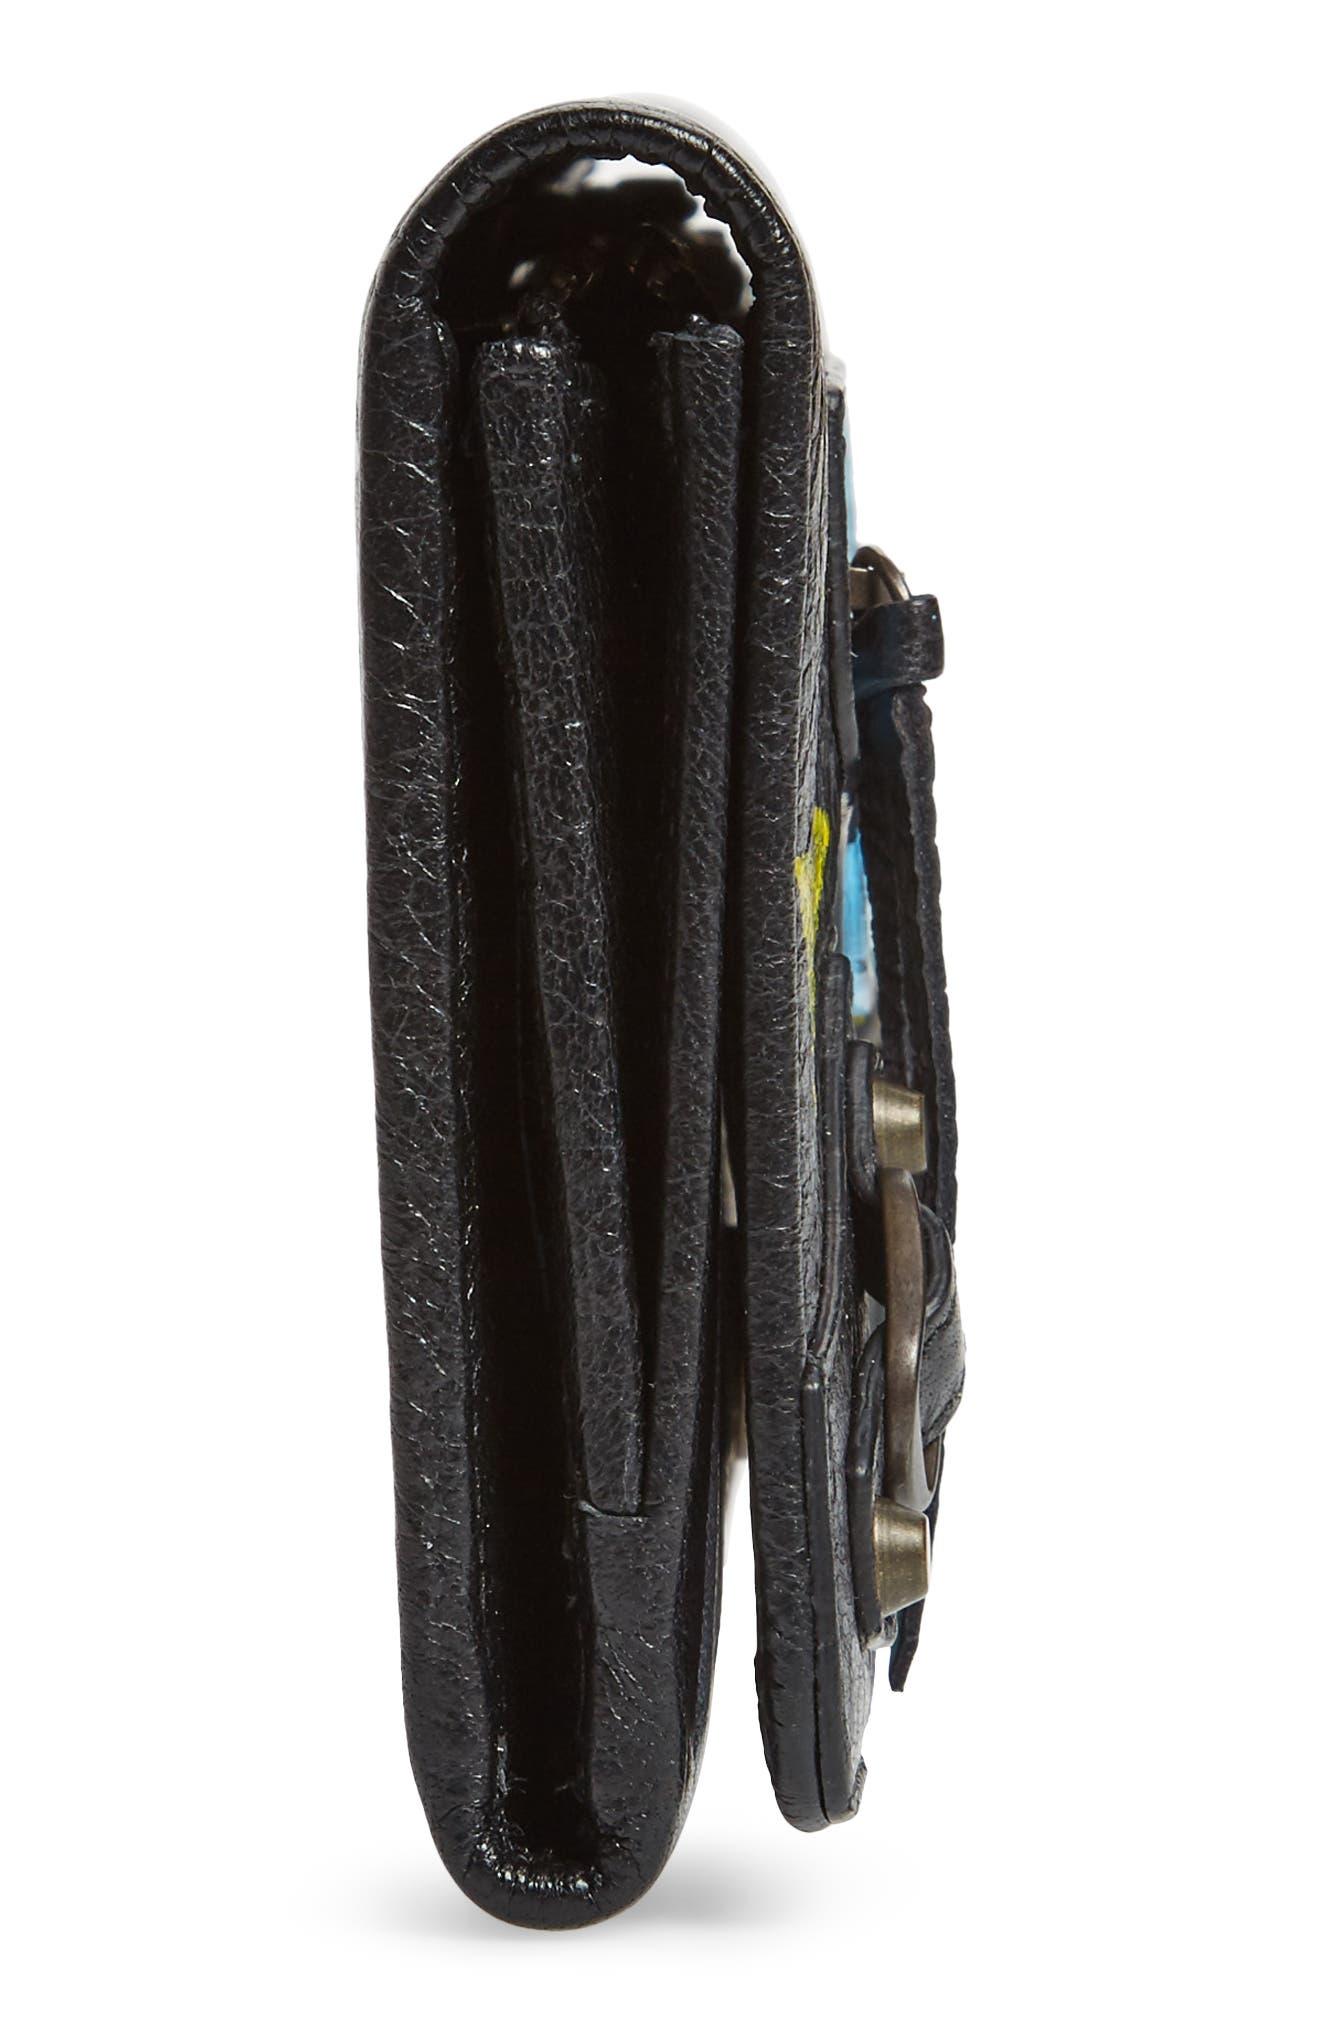 Classic Graffiti Leather Wallet,                             Alternate thumbnail 5, color,                             Noir/ Multi Color